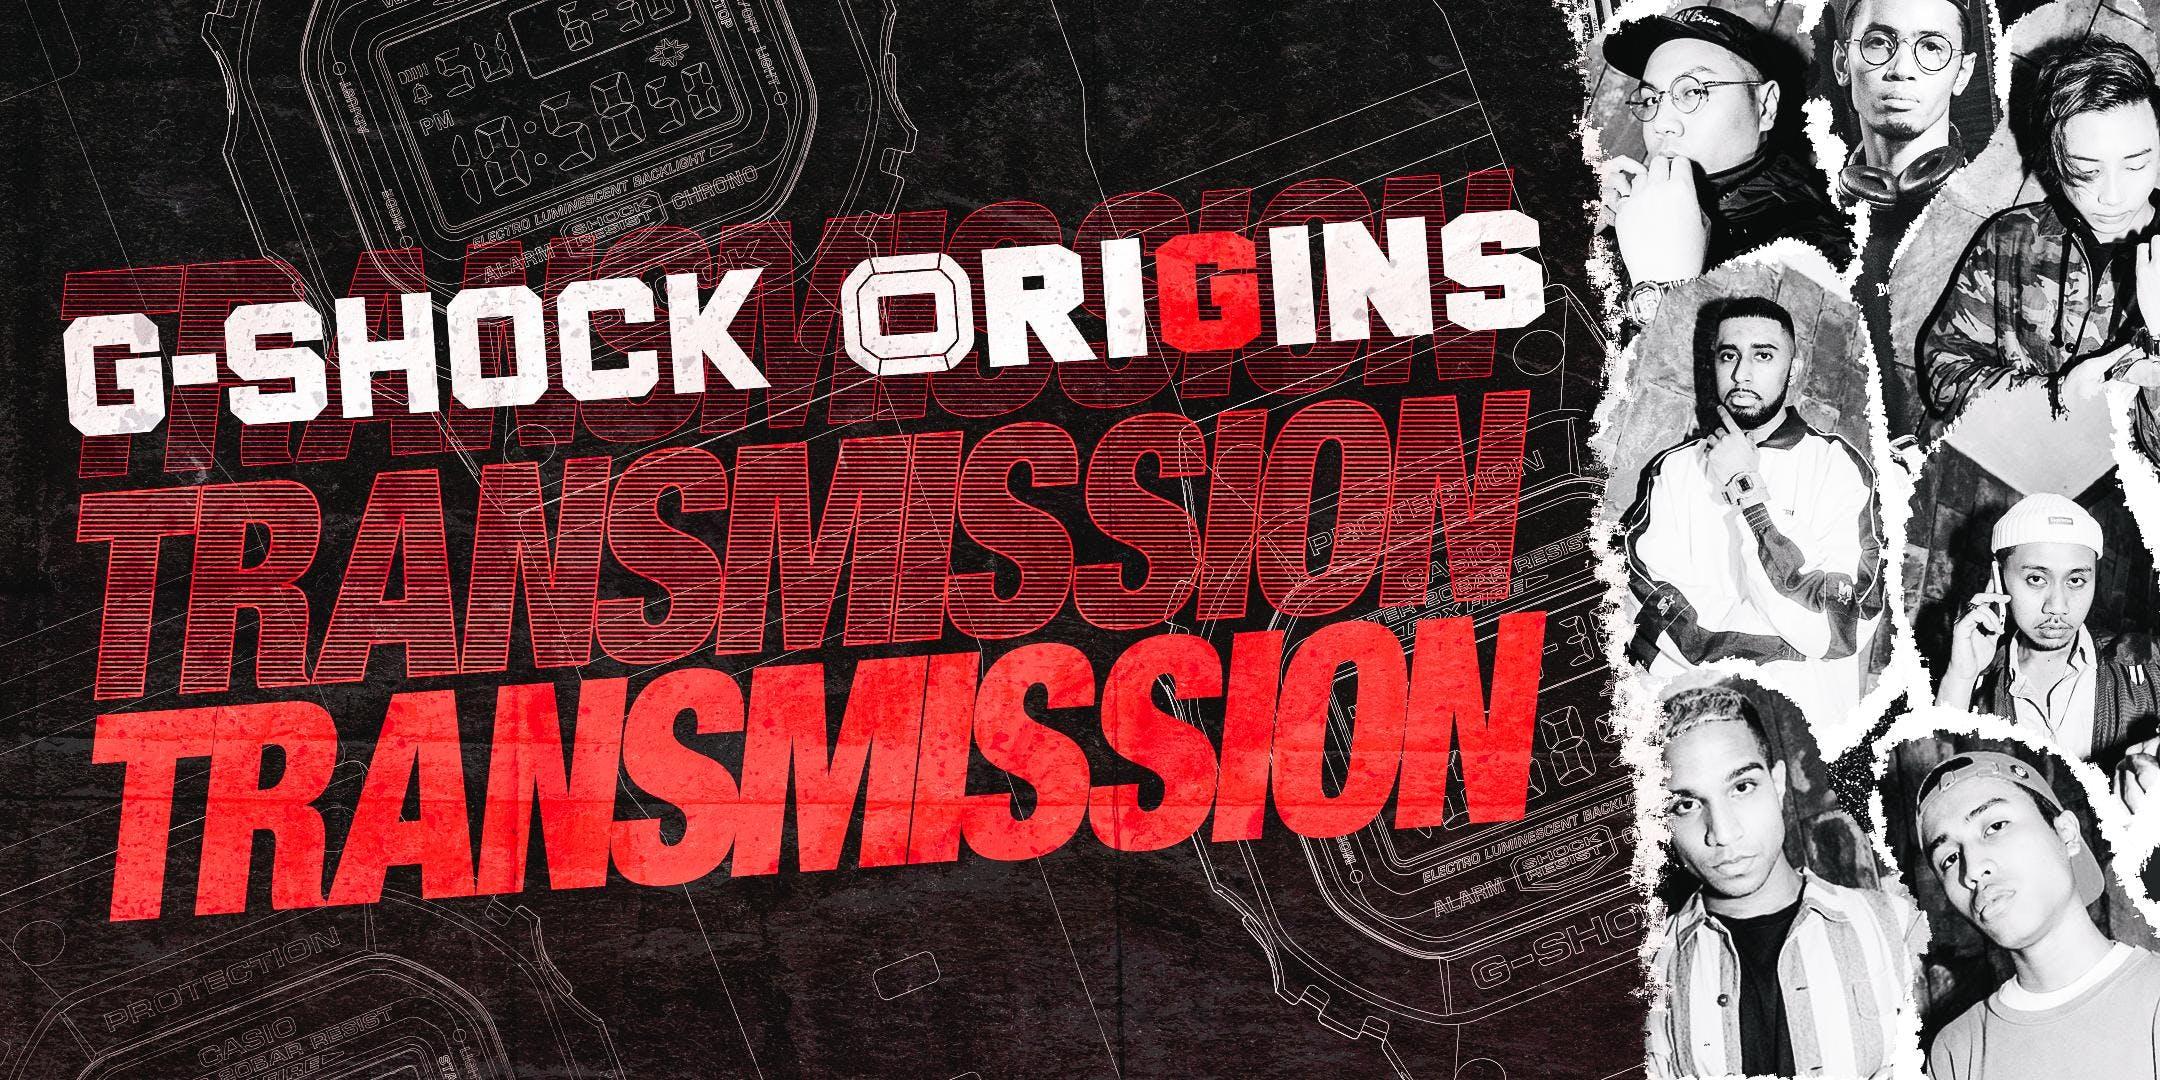 G-SHOCK ORIGINS TRANSMISSION